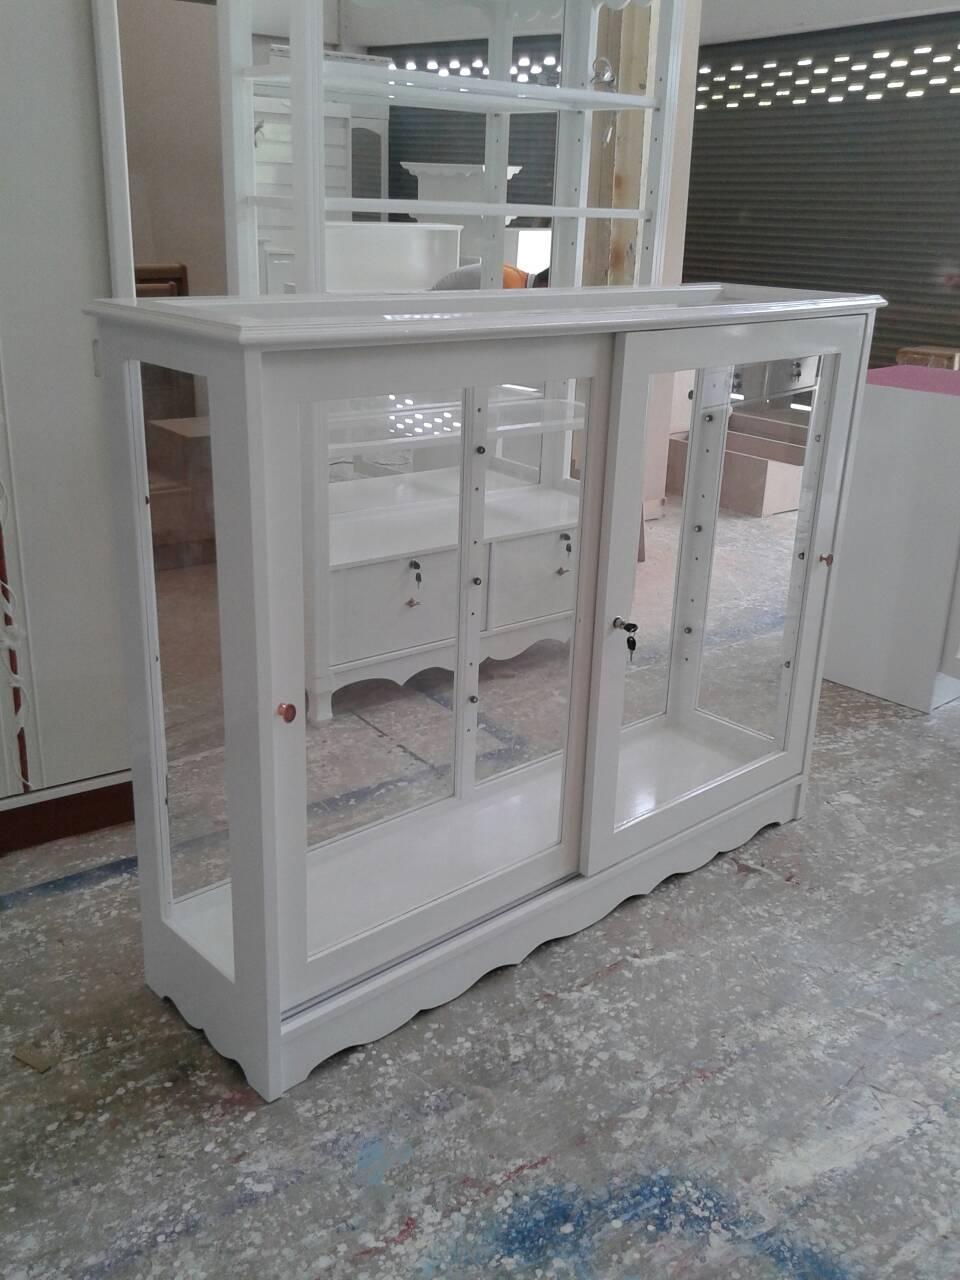 ตู้โชว้์กระจกเตี้ยวินเทจสีขาวสำหรับร้านค้า